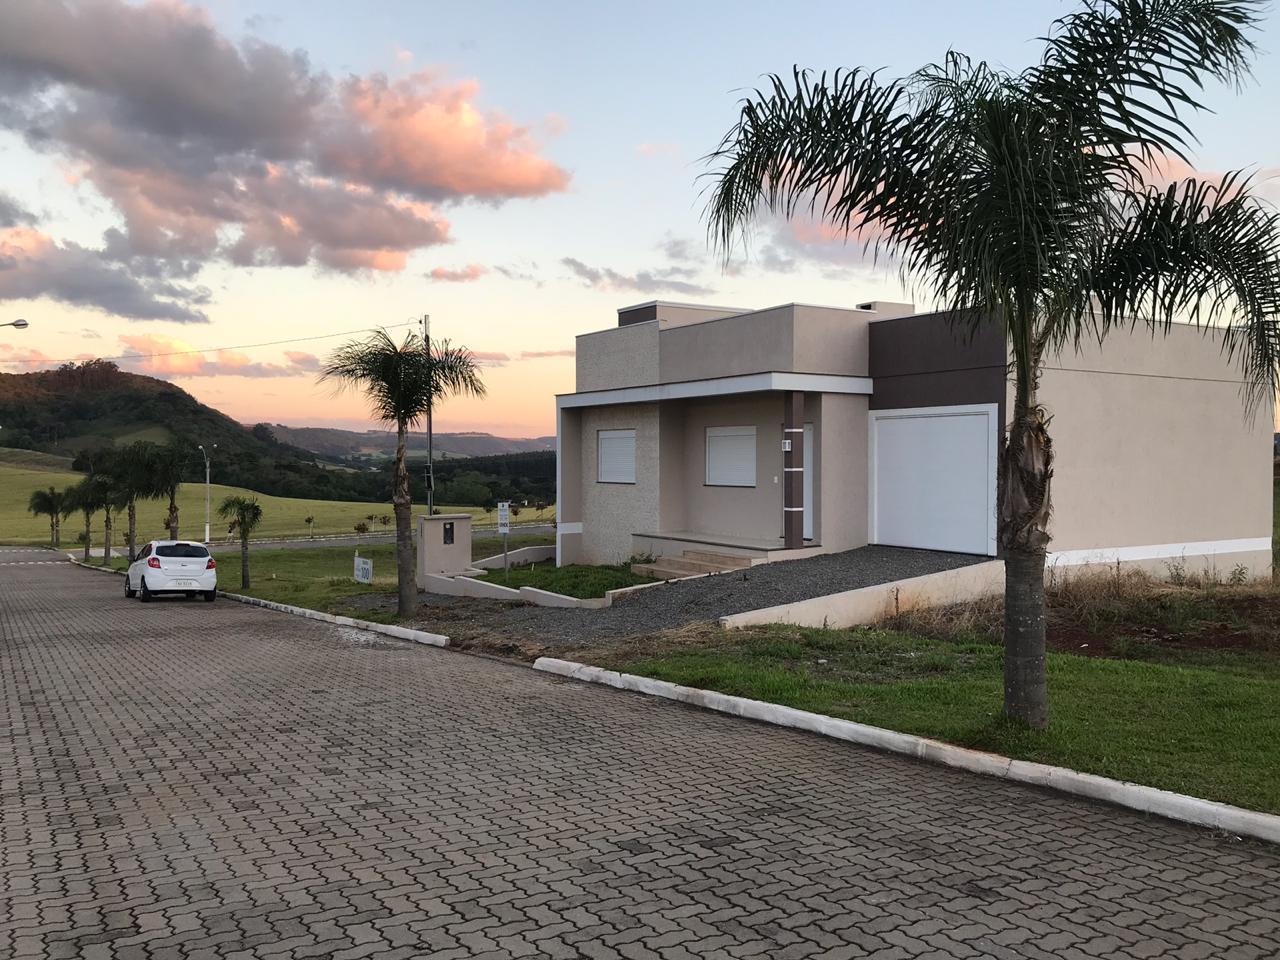 CASA DE ALVENARIA 142 M², 3 DORMITÓRIOS, LOTEAMENTO ENIO CASAGRANDE